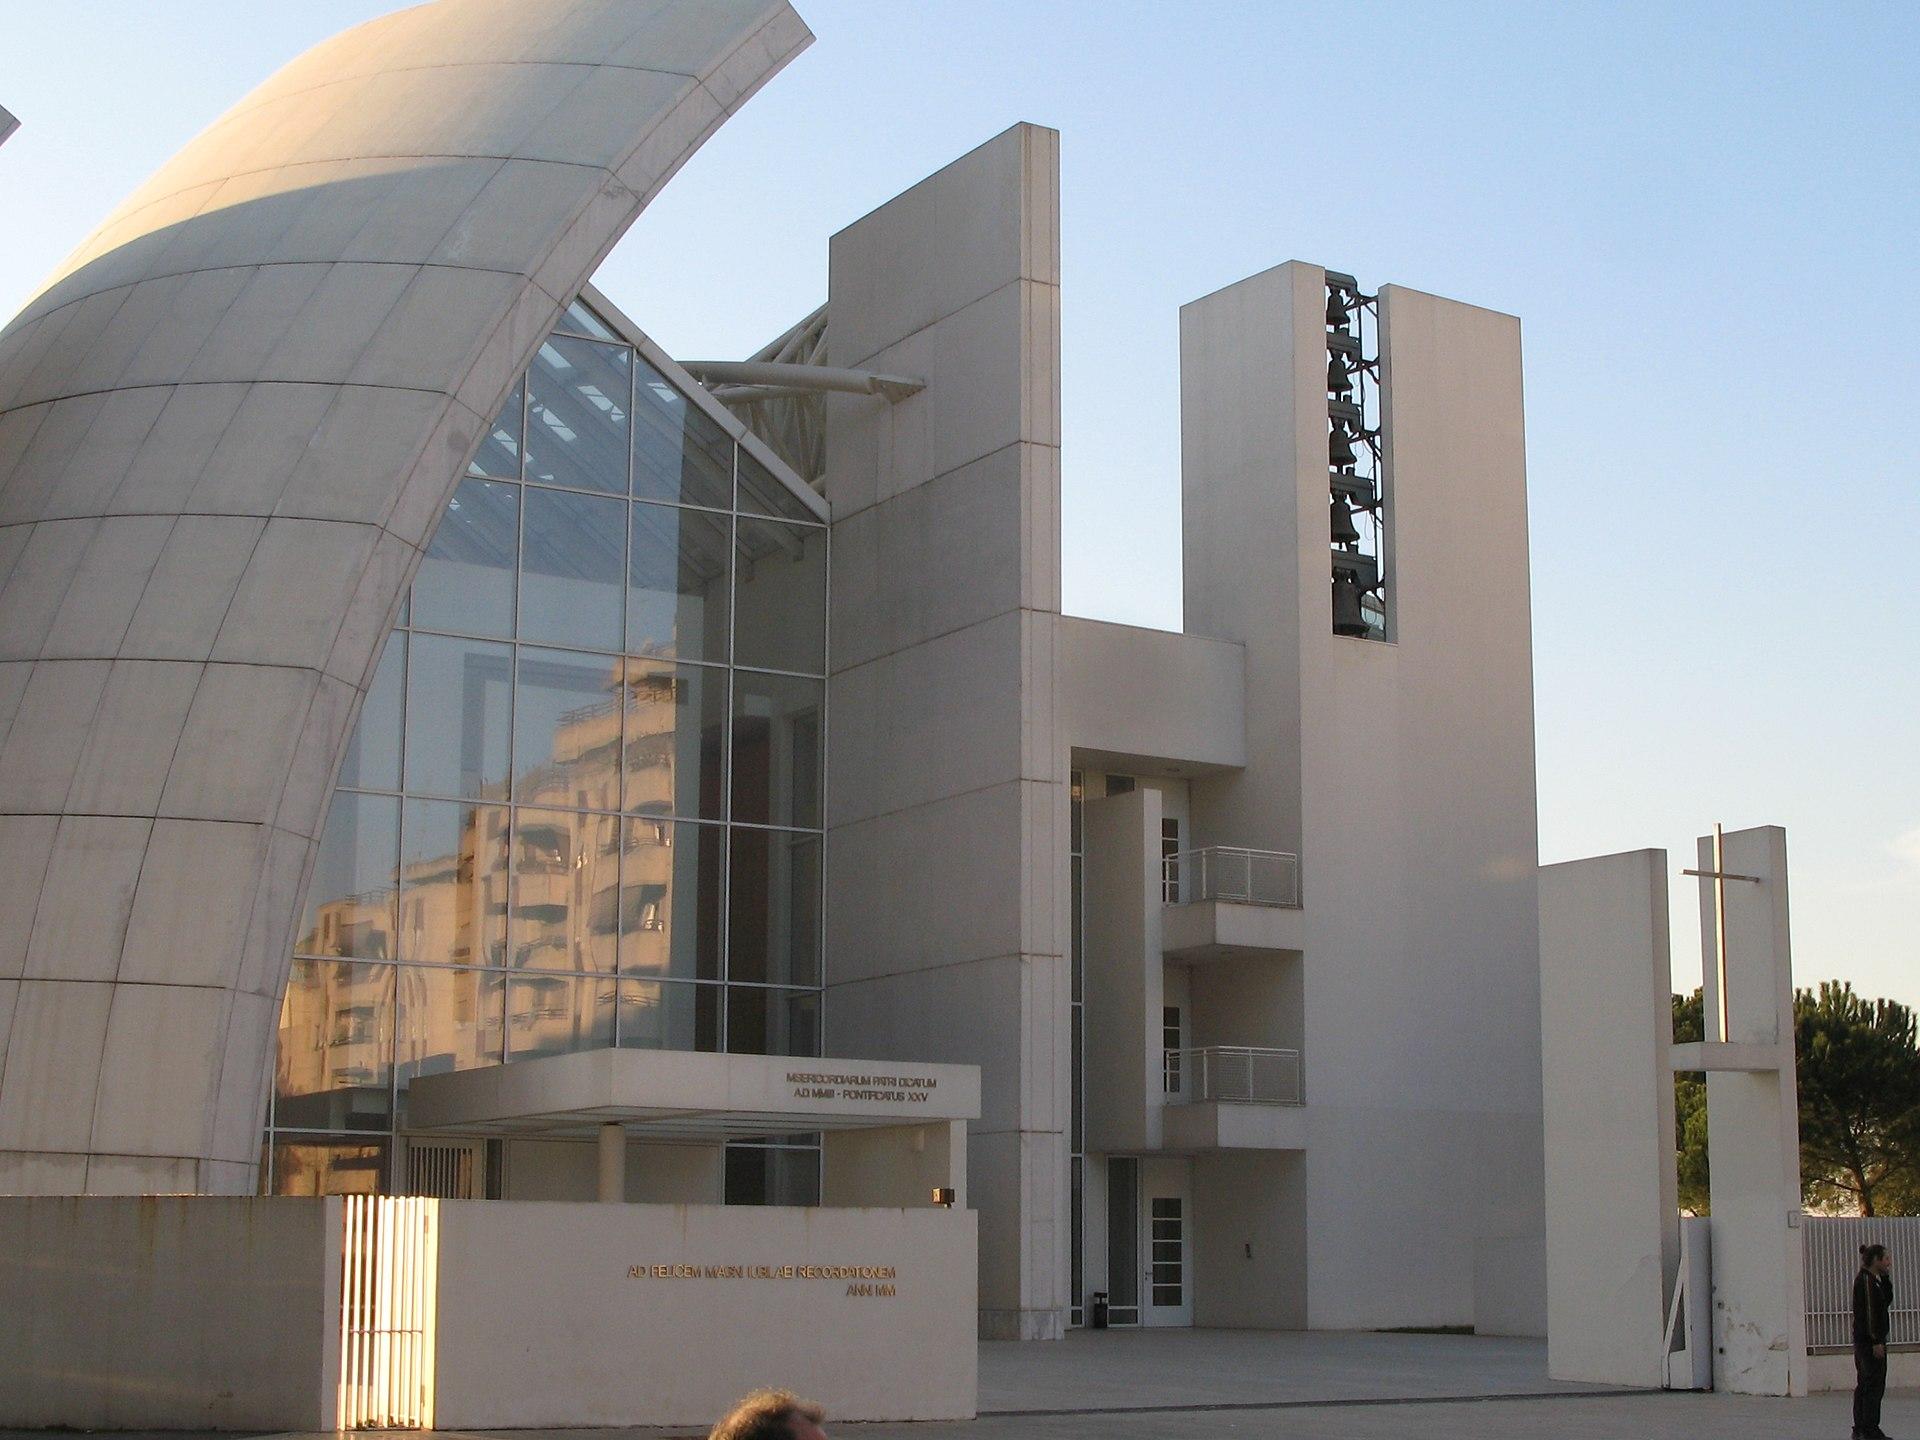 Chiesa di dio padre misericordioso wikipedia for Richard meier architetto